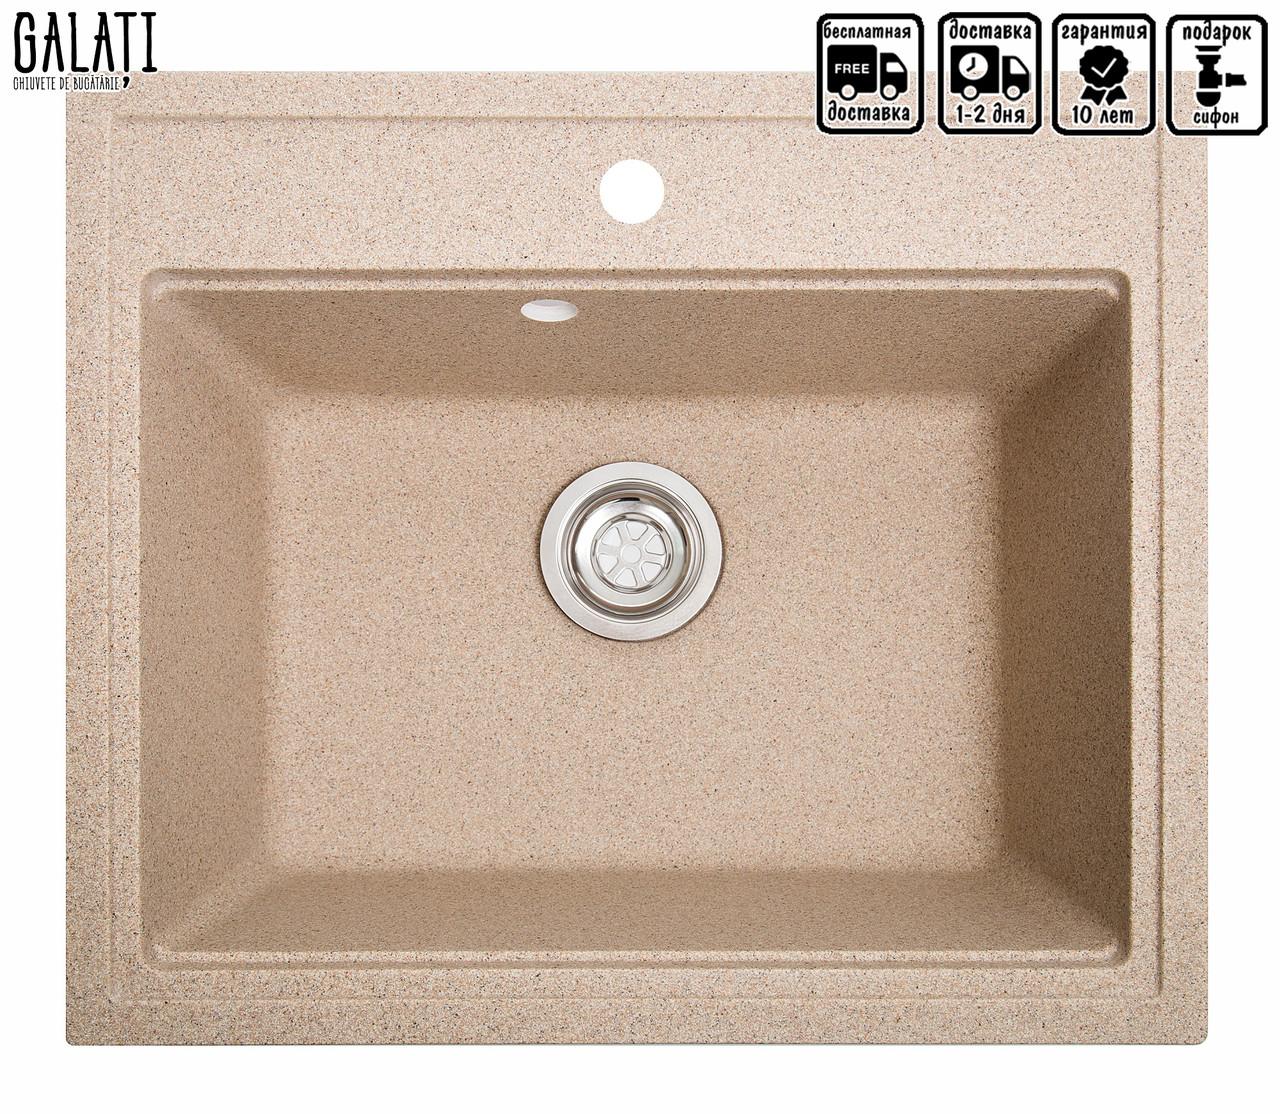 Кухонная гранитная мойка врезная 60 * 52 см Galati Patrat Piesok (301)